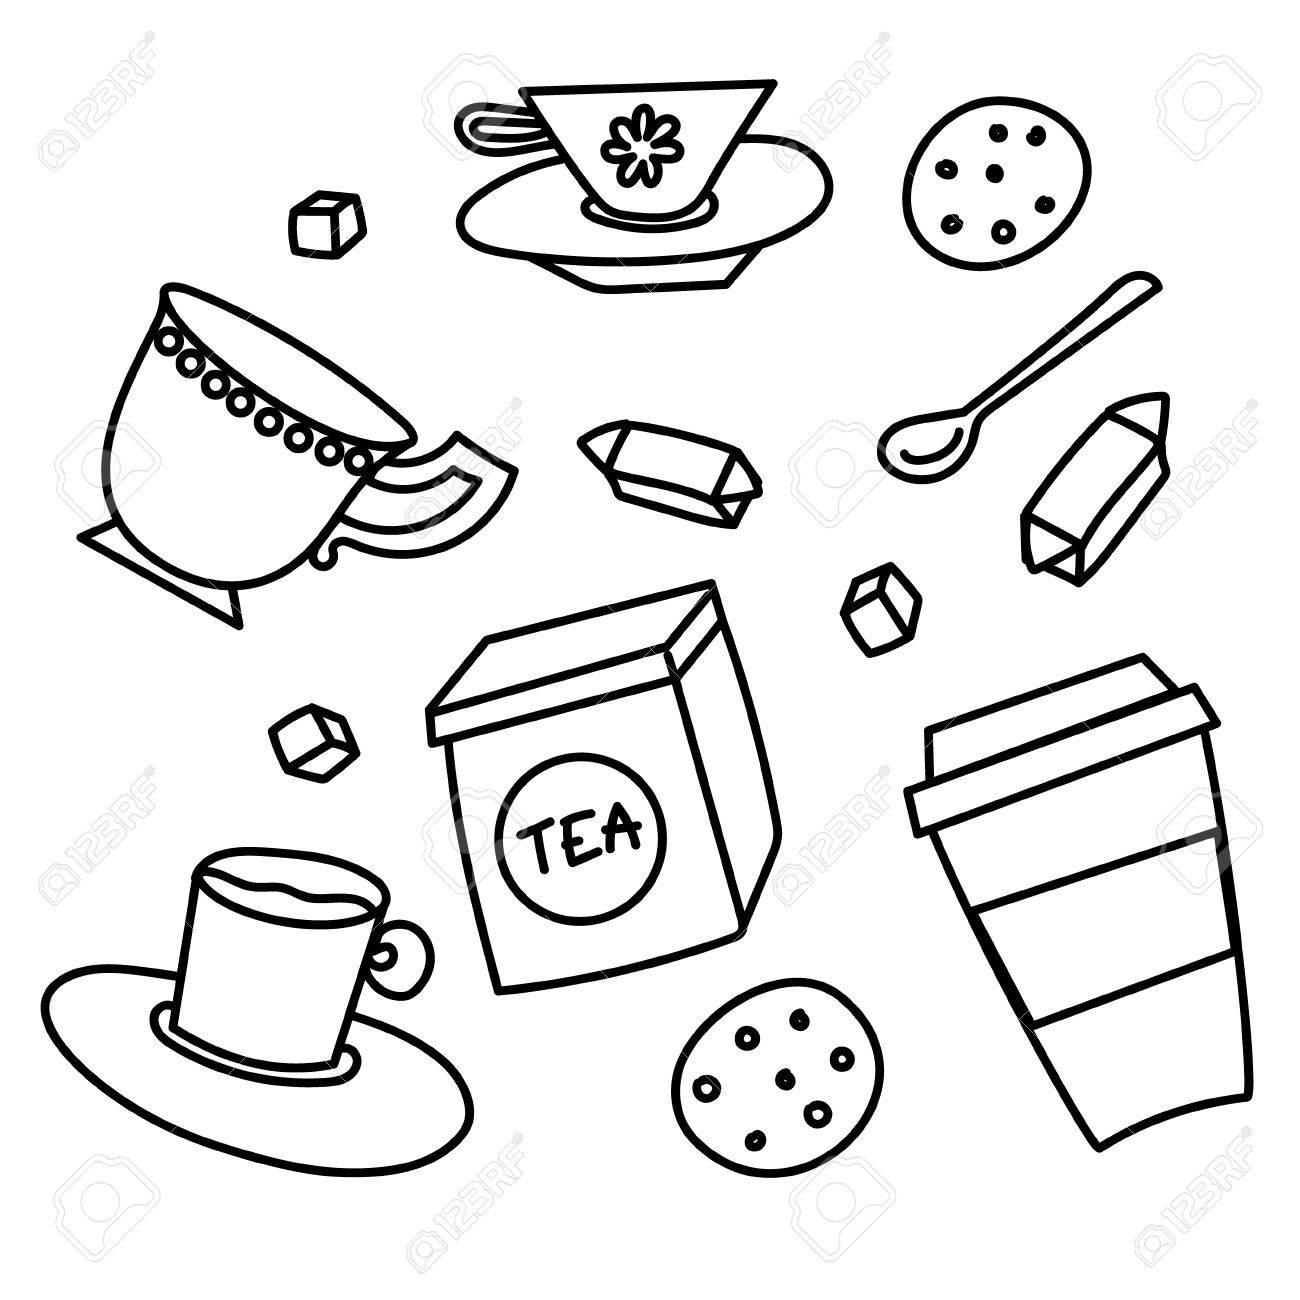 イラスト手描き落書きは線形道具漫画面白いカップ コーヒーと紅茶の白い